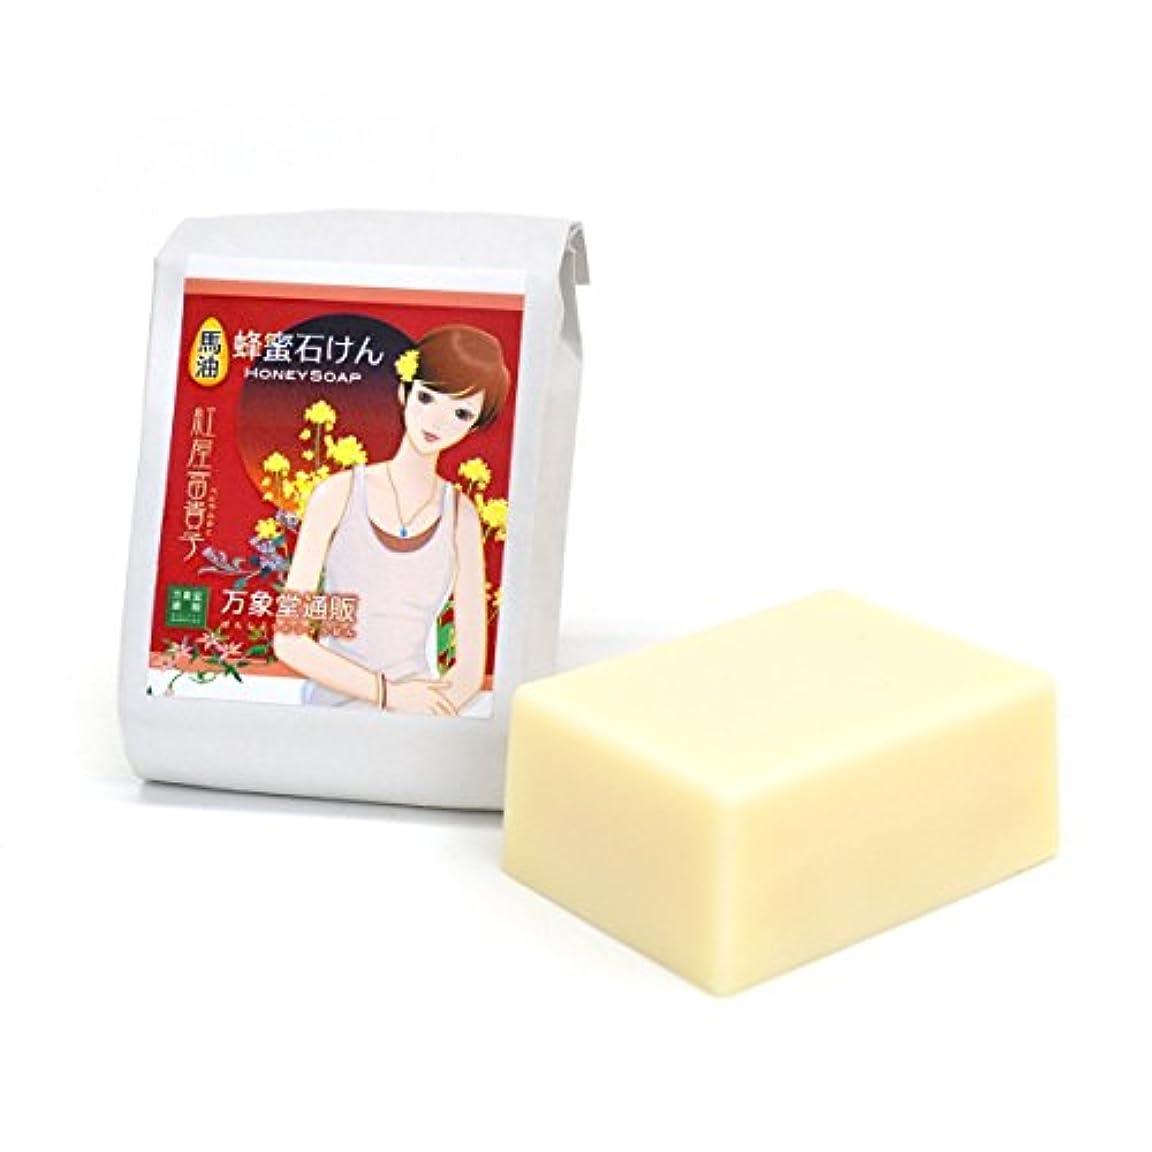 相対的バース十分です森羅万象堂 馬油石鹸 90g(国産)熊本県産 国産蜂蜜配合